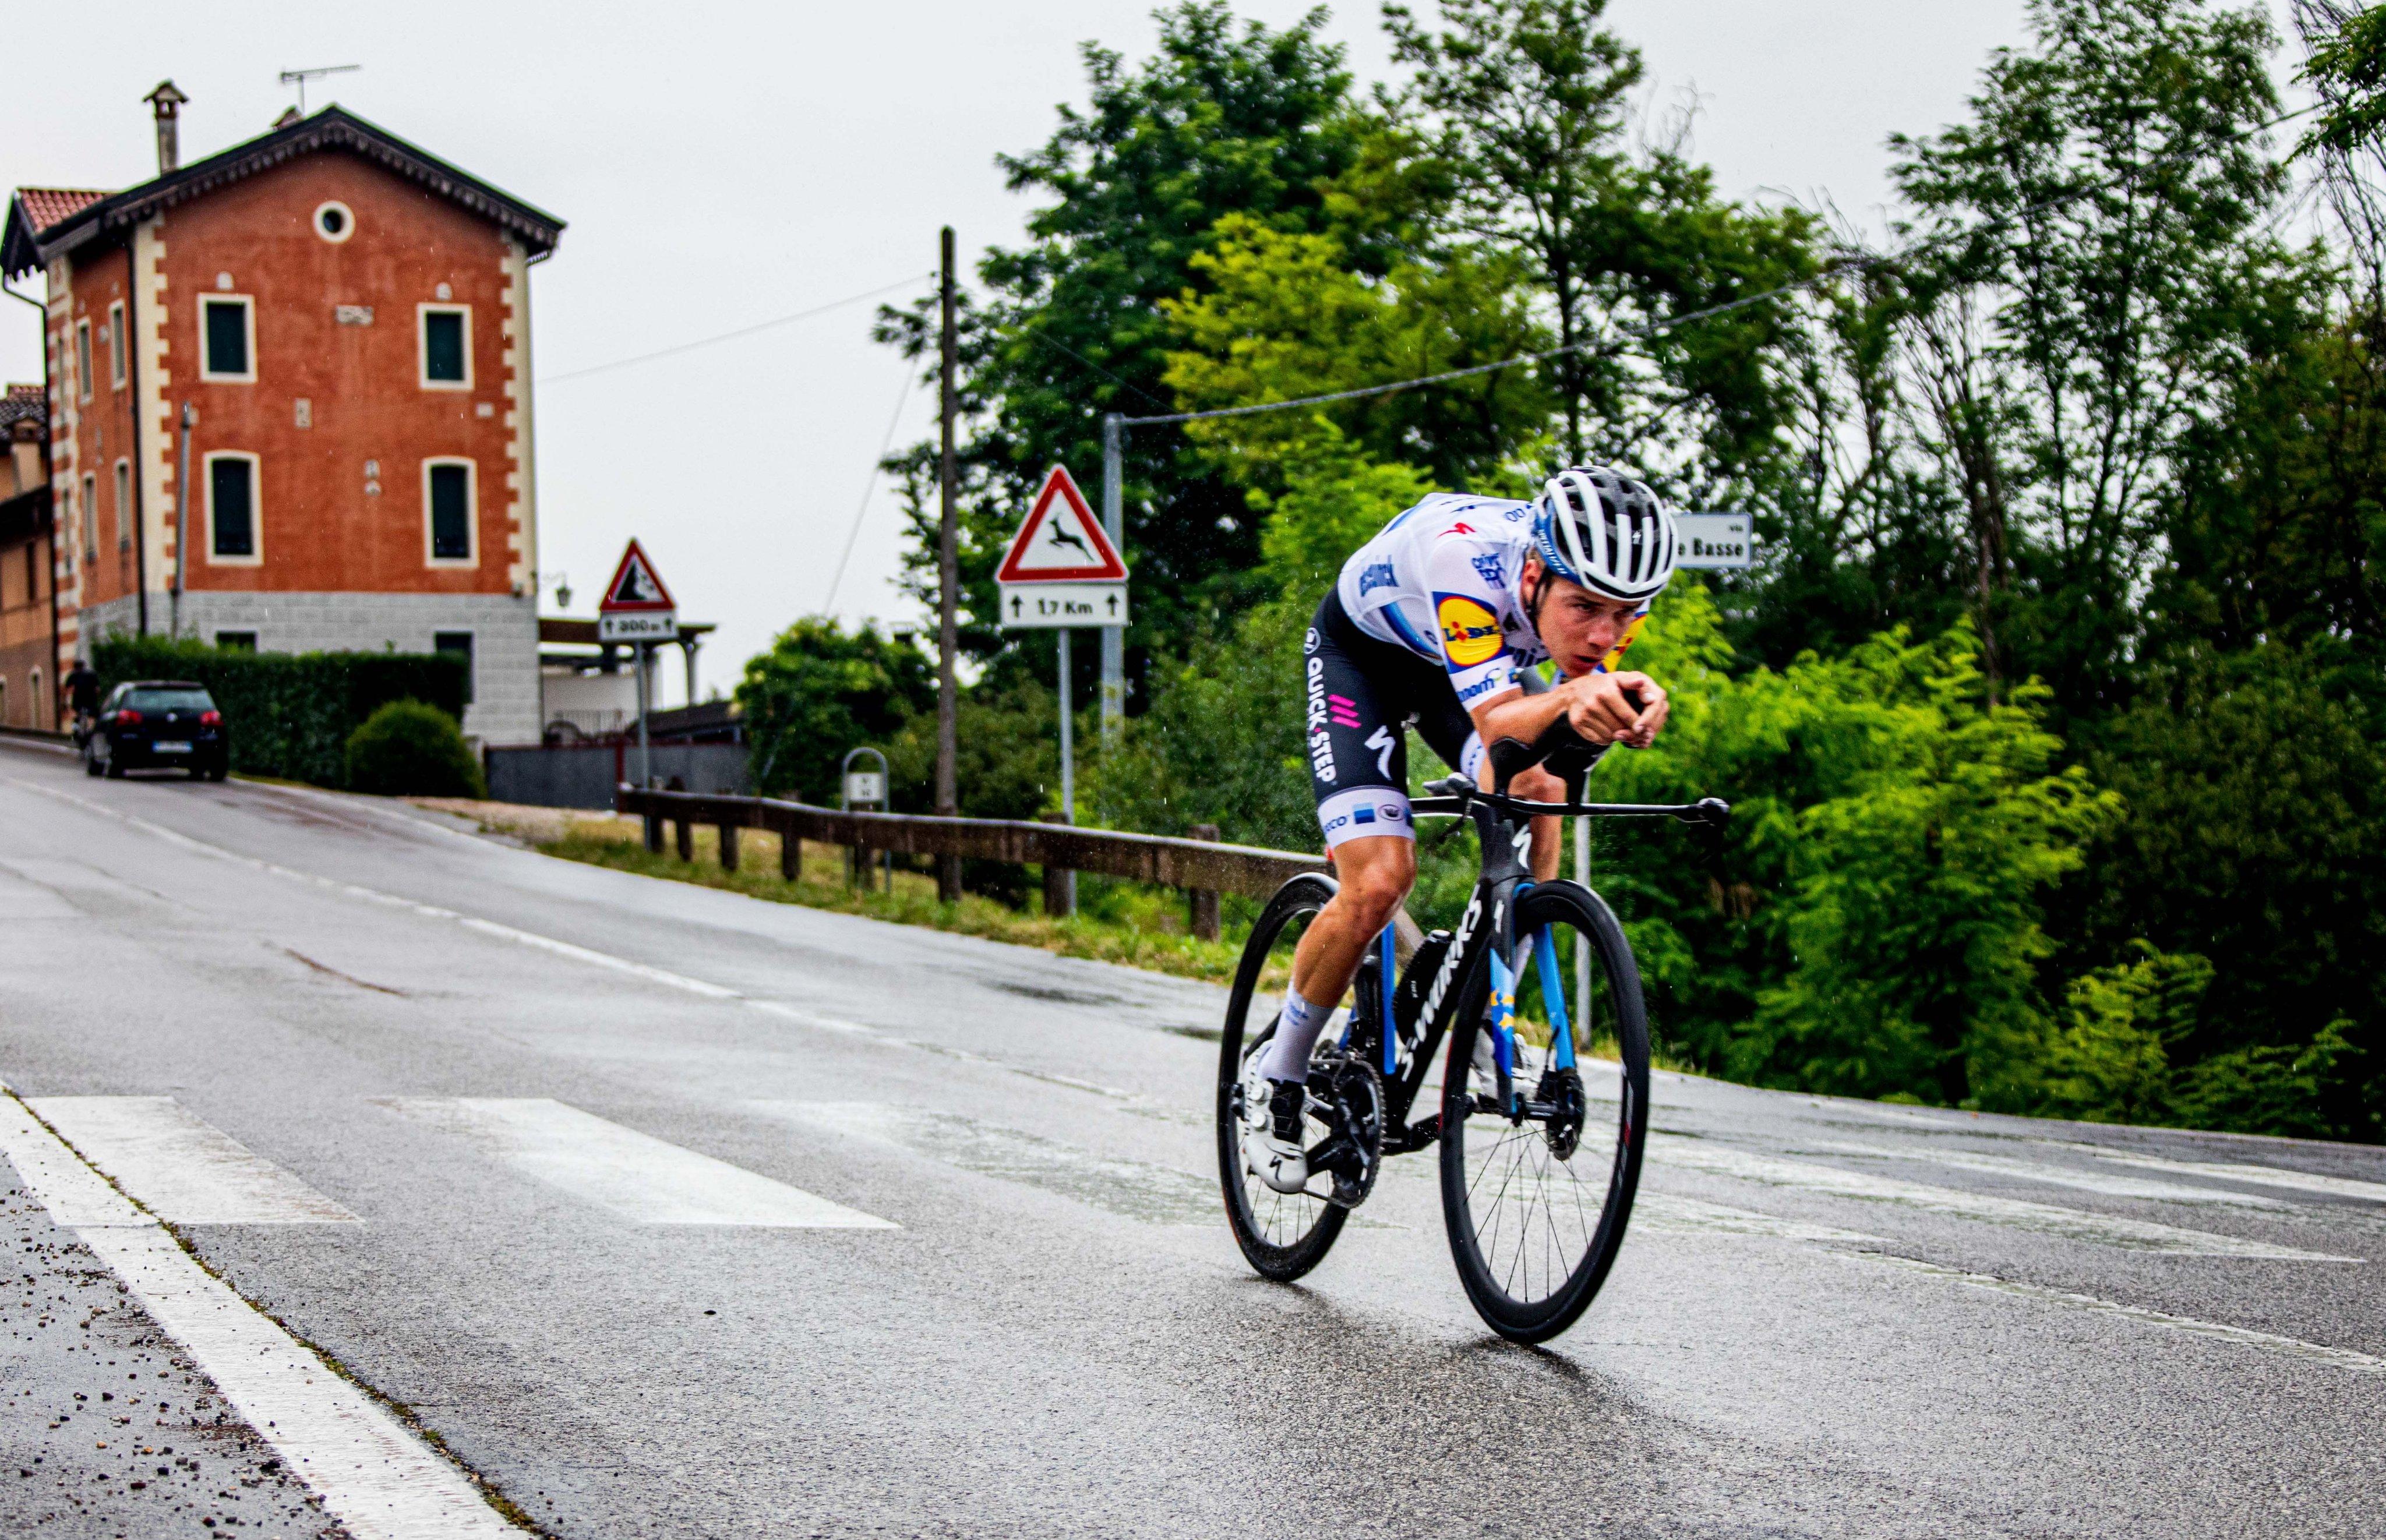 Remco Evenepoel reconoció dos etapas del Giro de Italia (Wout Beel).